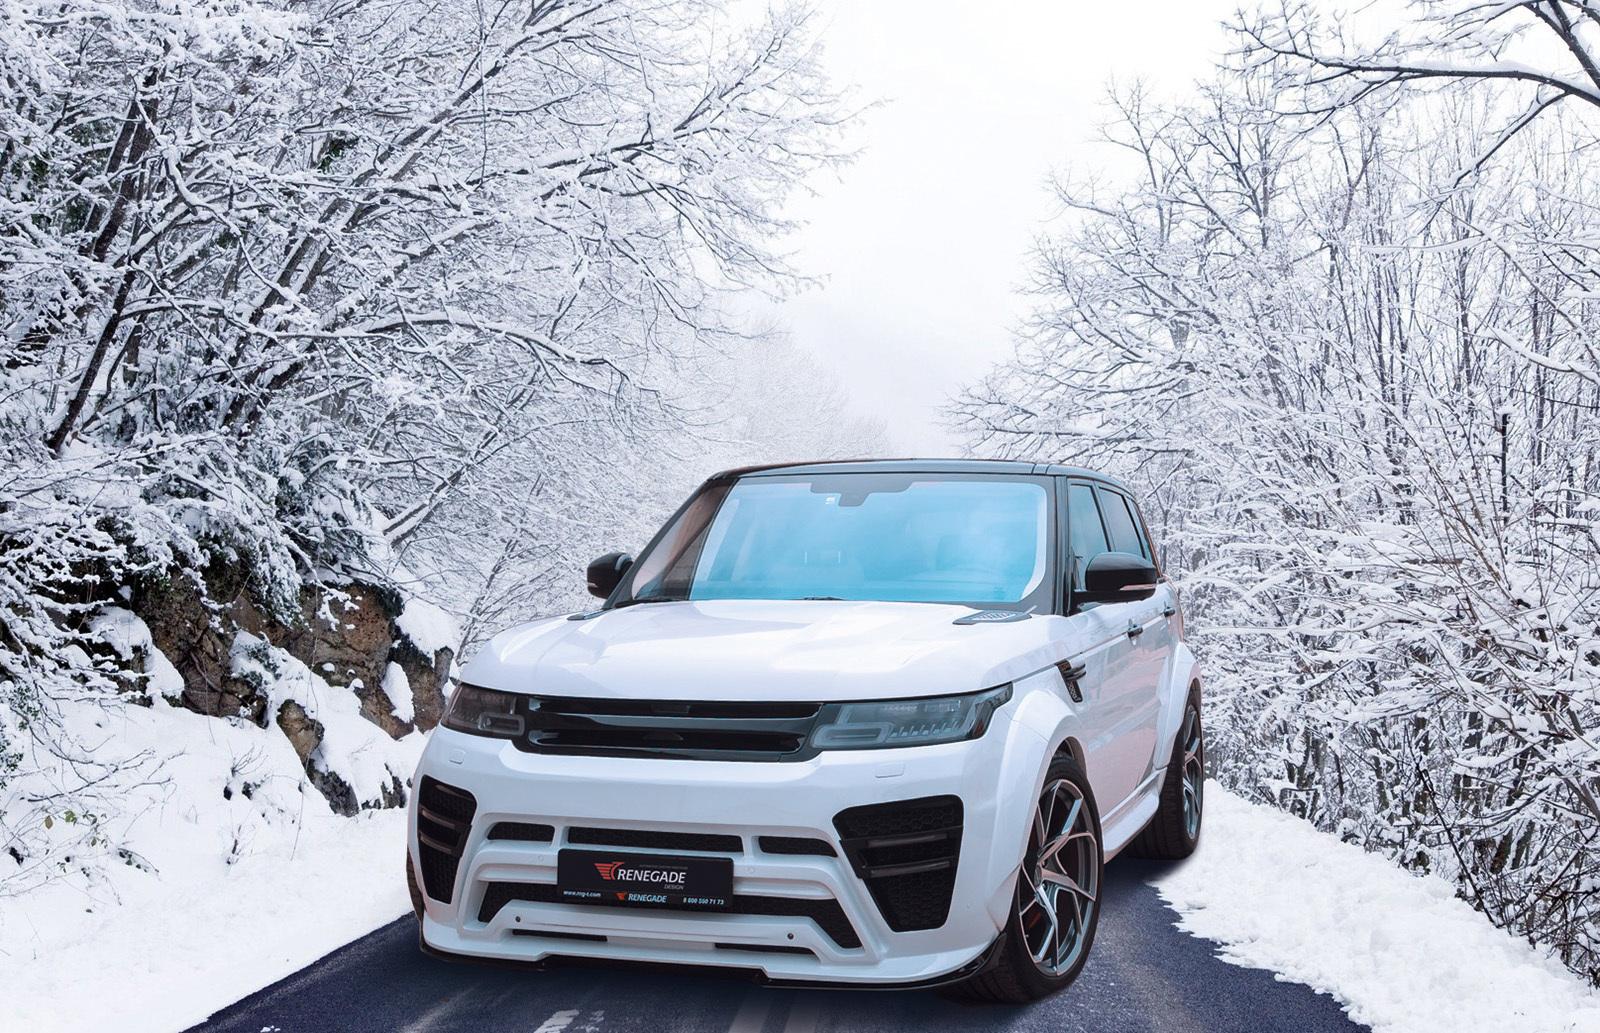 Renegade body kit for Range Rover Sport 2013/2018 latest model